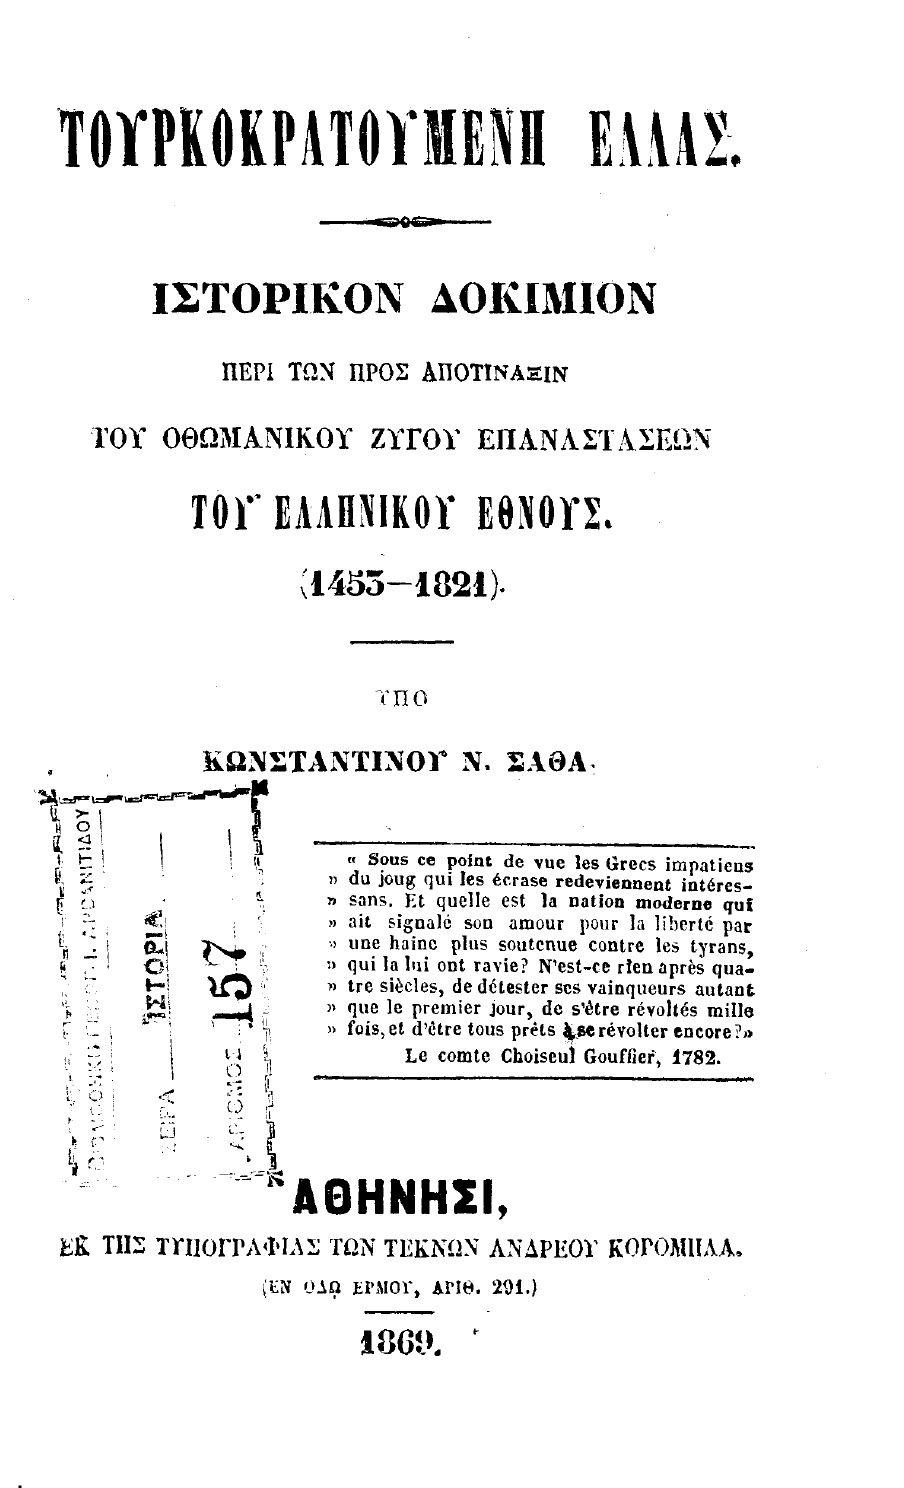 Κωνσταντίνος Ν. Σάθας Τουρκοκρατούμενη Ελλάς (PDF